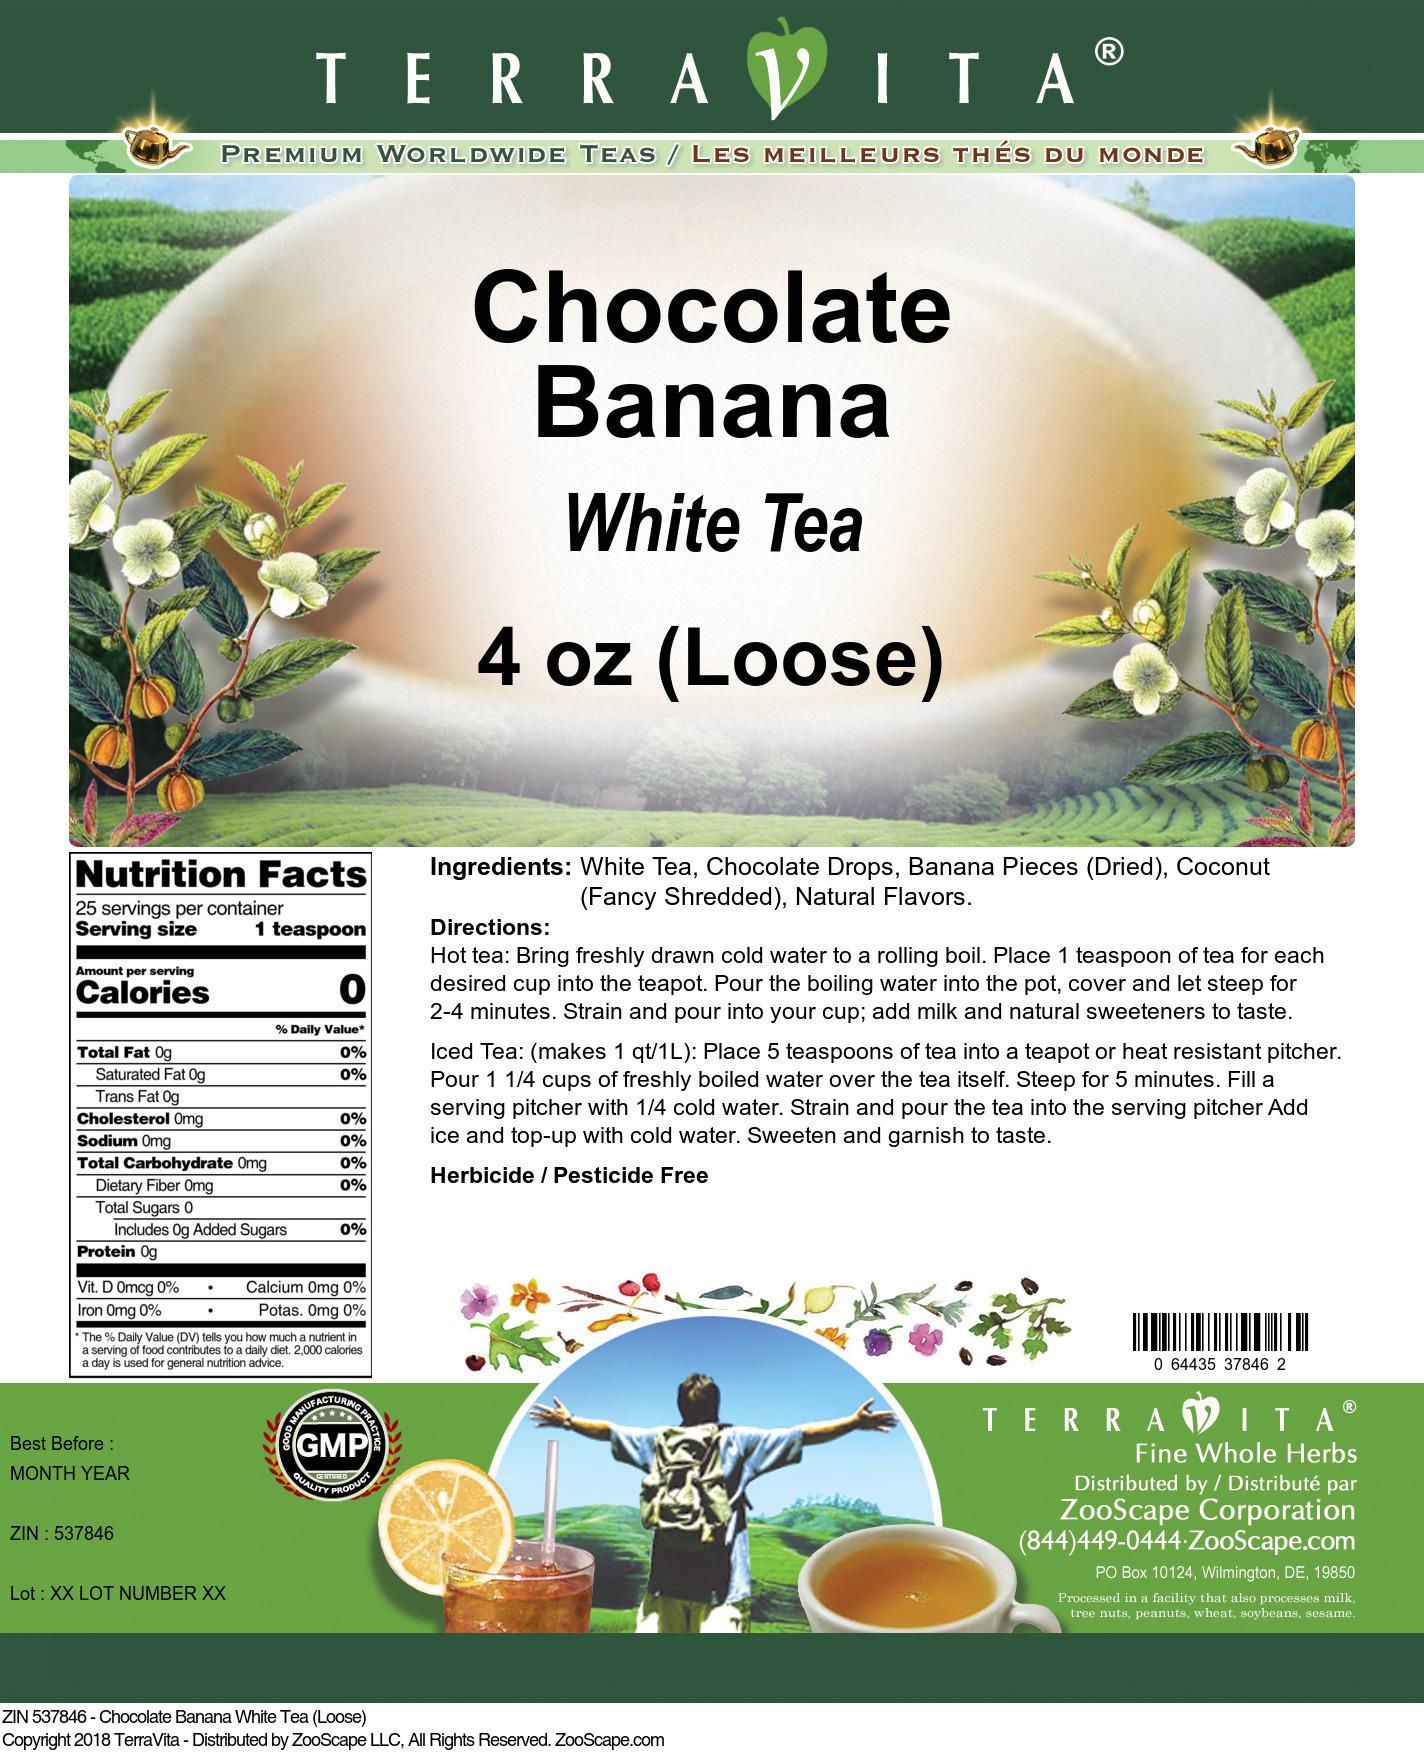 Chocolate Banana White Tea